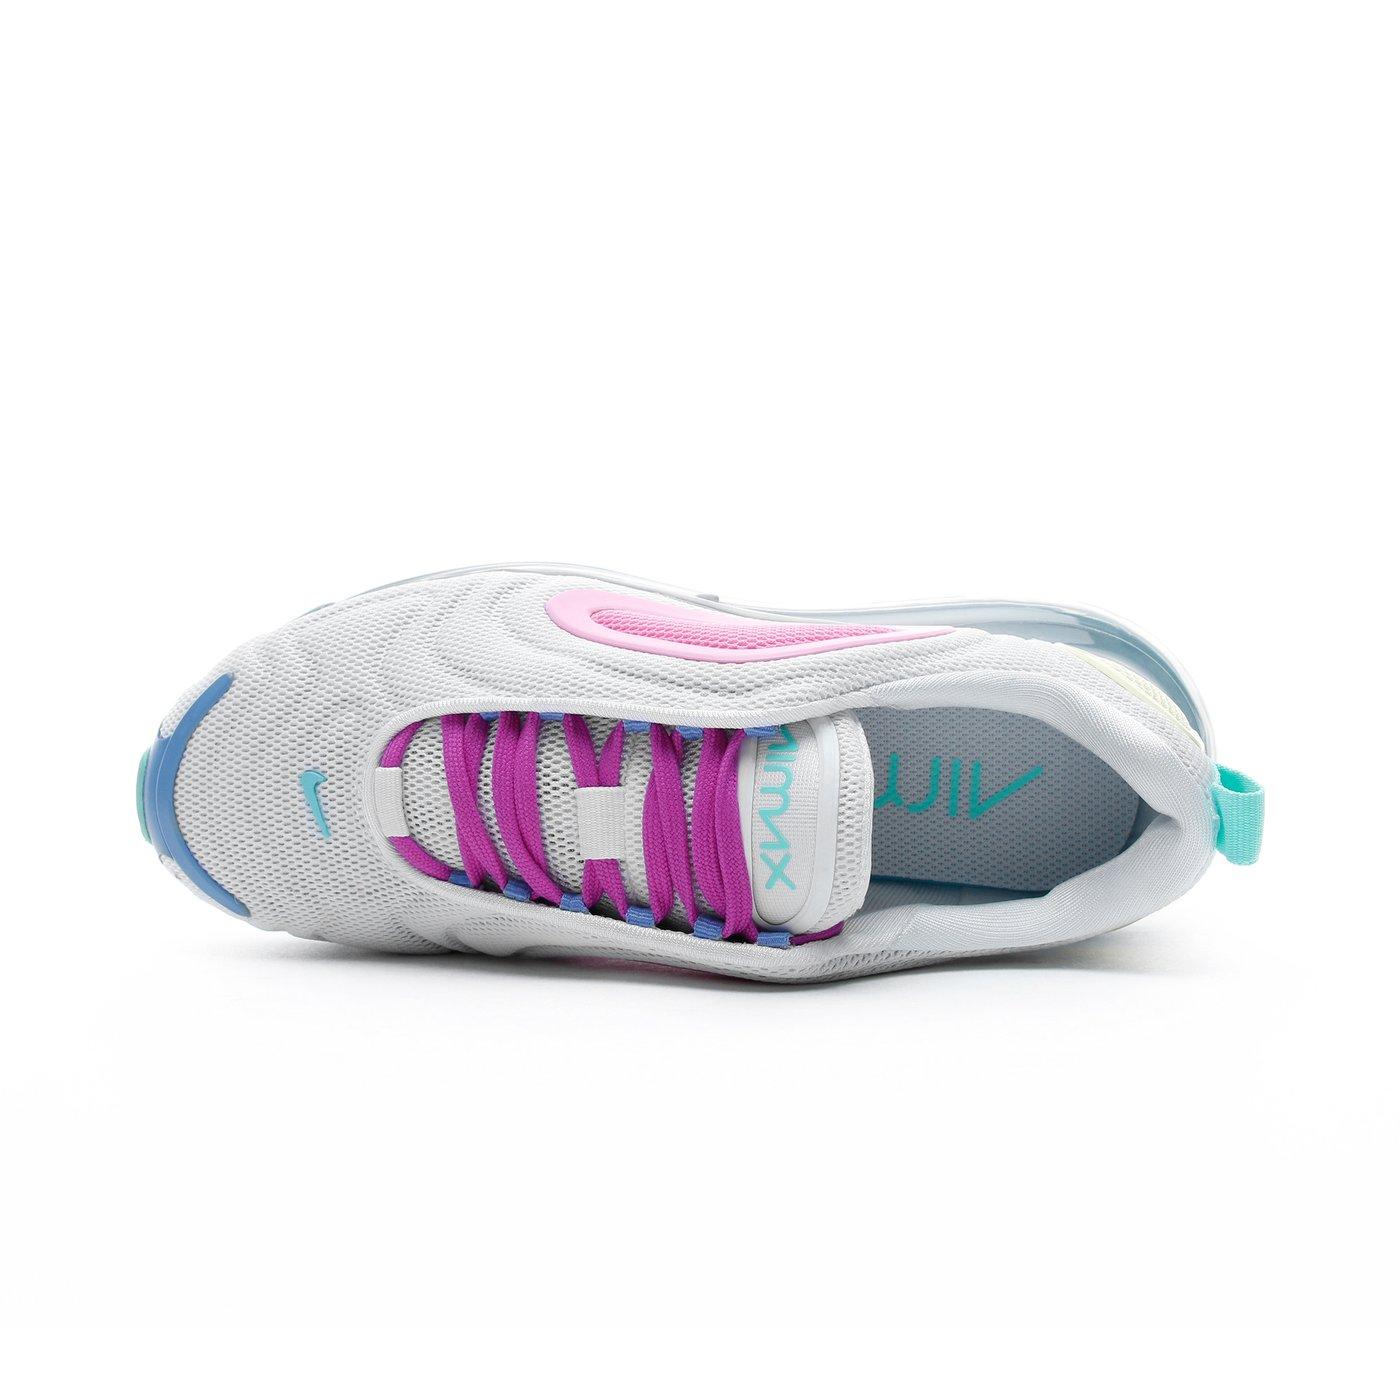 Nike Air Max 720 Beyaz - Mor Kadın Spor Ayakkabı